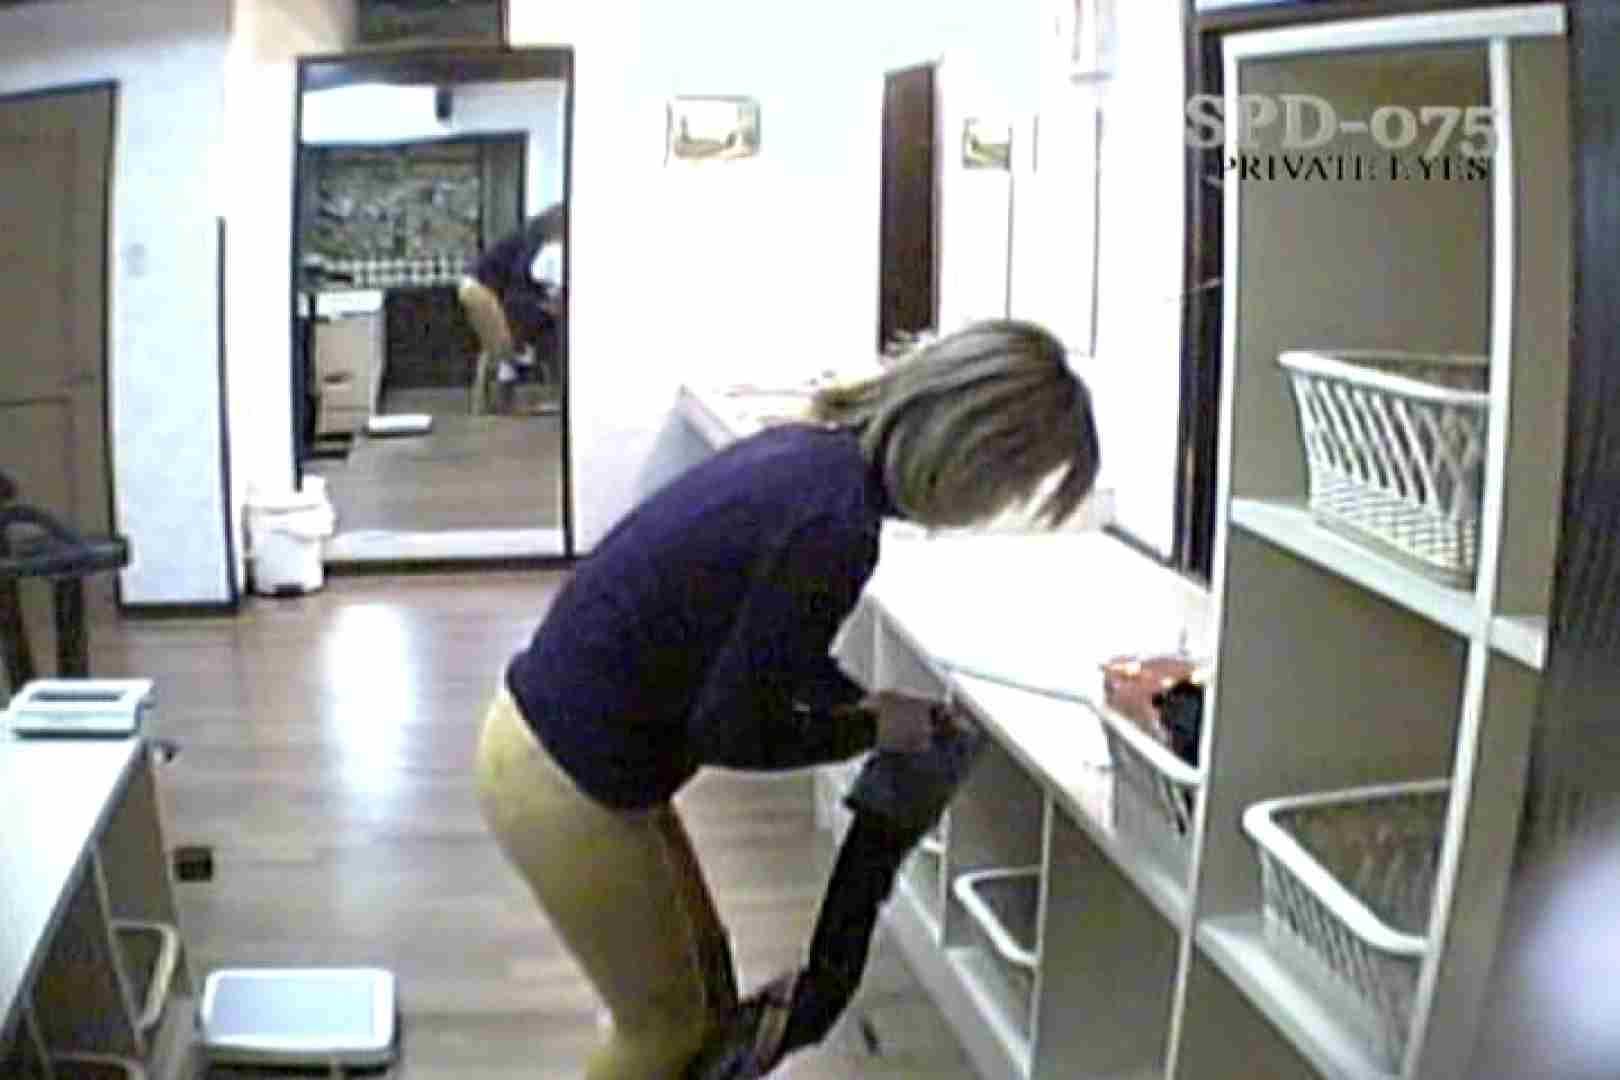 高画質版!SPD-075 脱衣所から洗面所まで 9カメ追跡盗撮 0   0  62連発 37